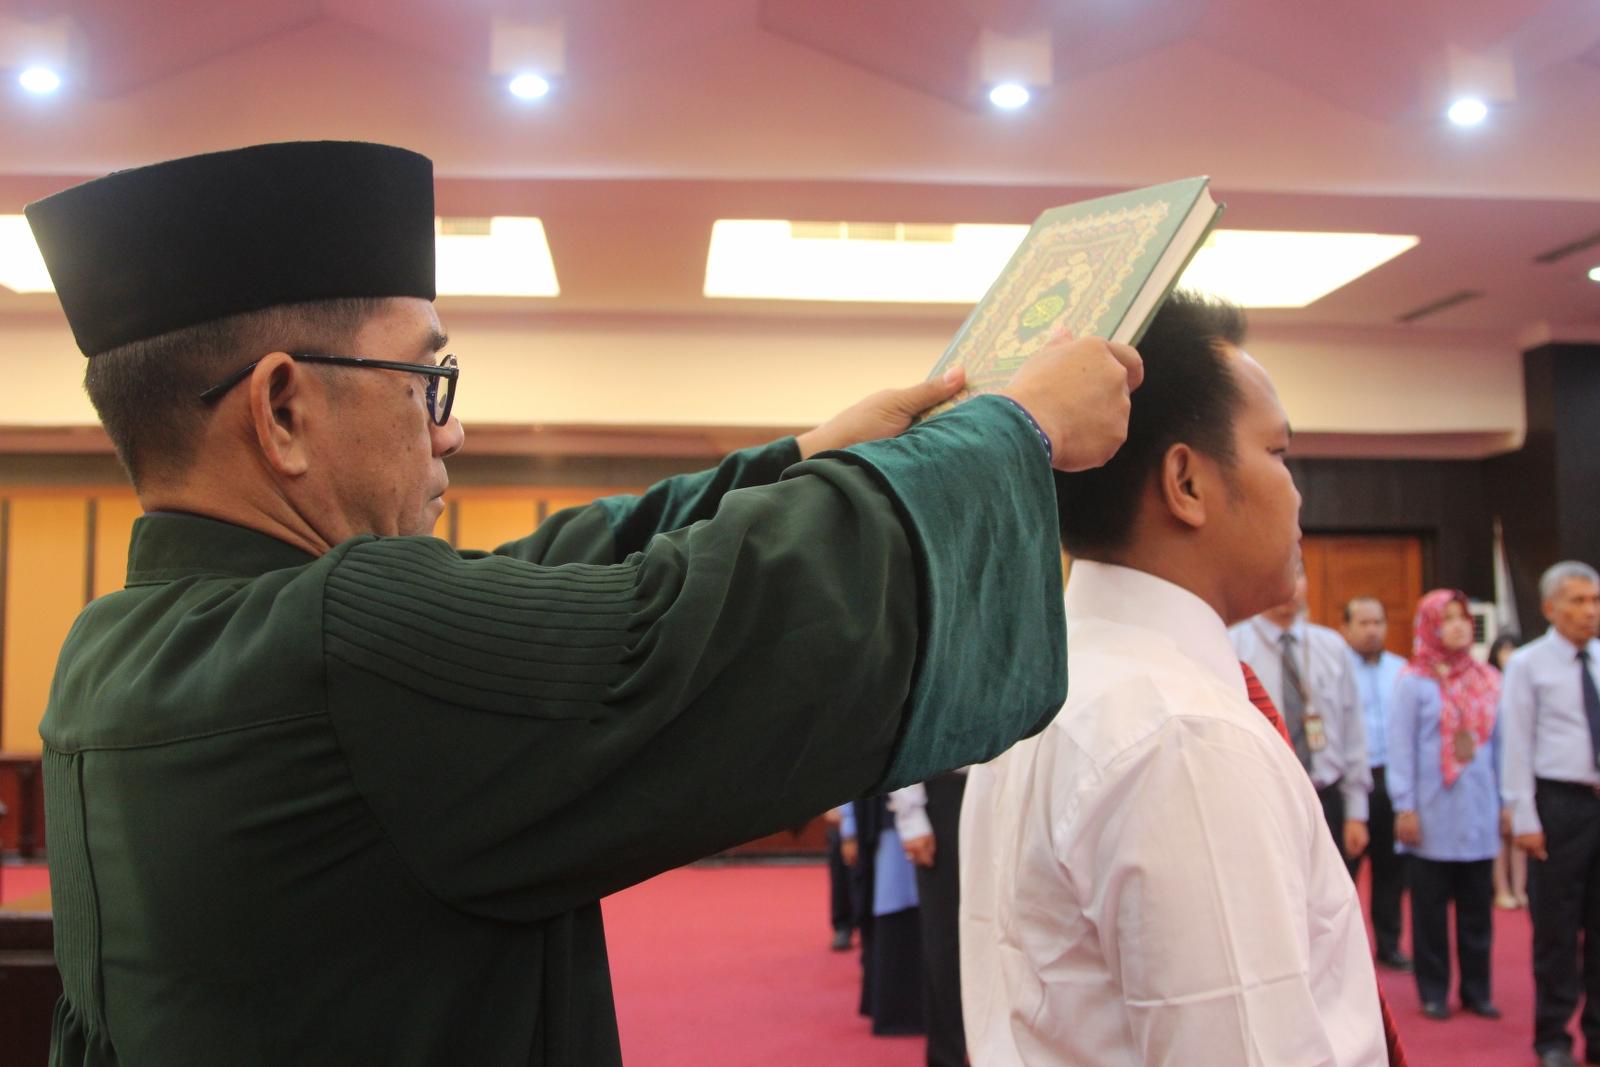 Lantik Pejabat Penilai Pemerintah, Ferdinan Lengkong: Pejabat yang Dilantik Merupakan Ujung Tombak DJKN dalam Penilaian